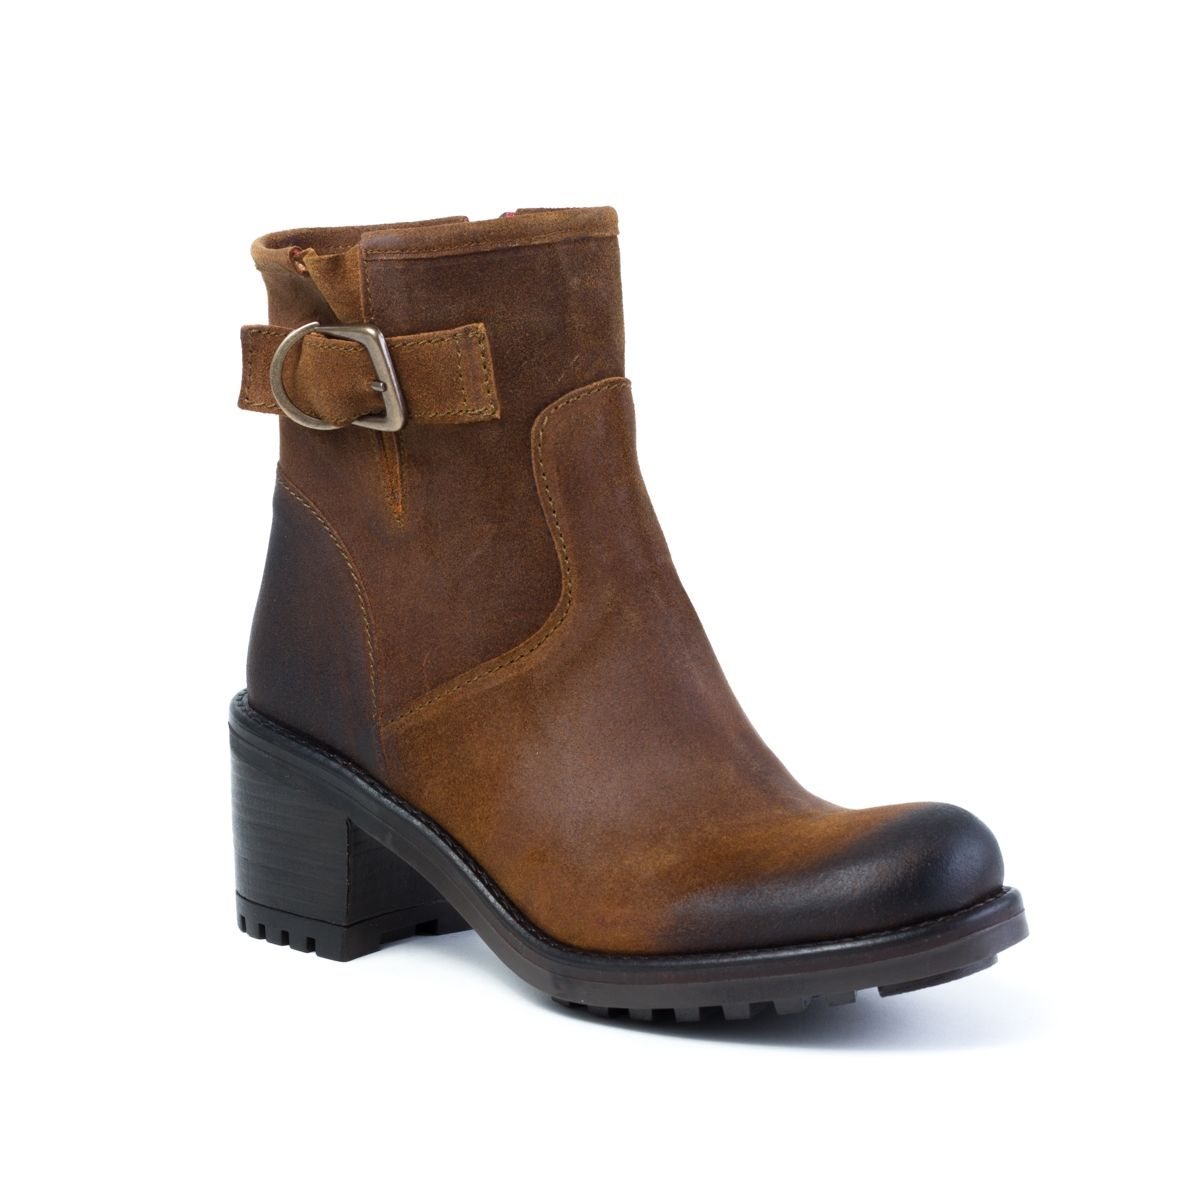 Boots femme croûte de cuir huilé de couleur marron, WUS by E-Cow